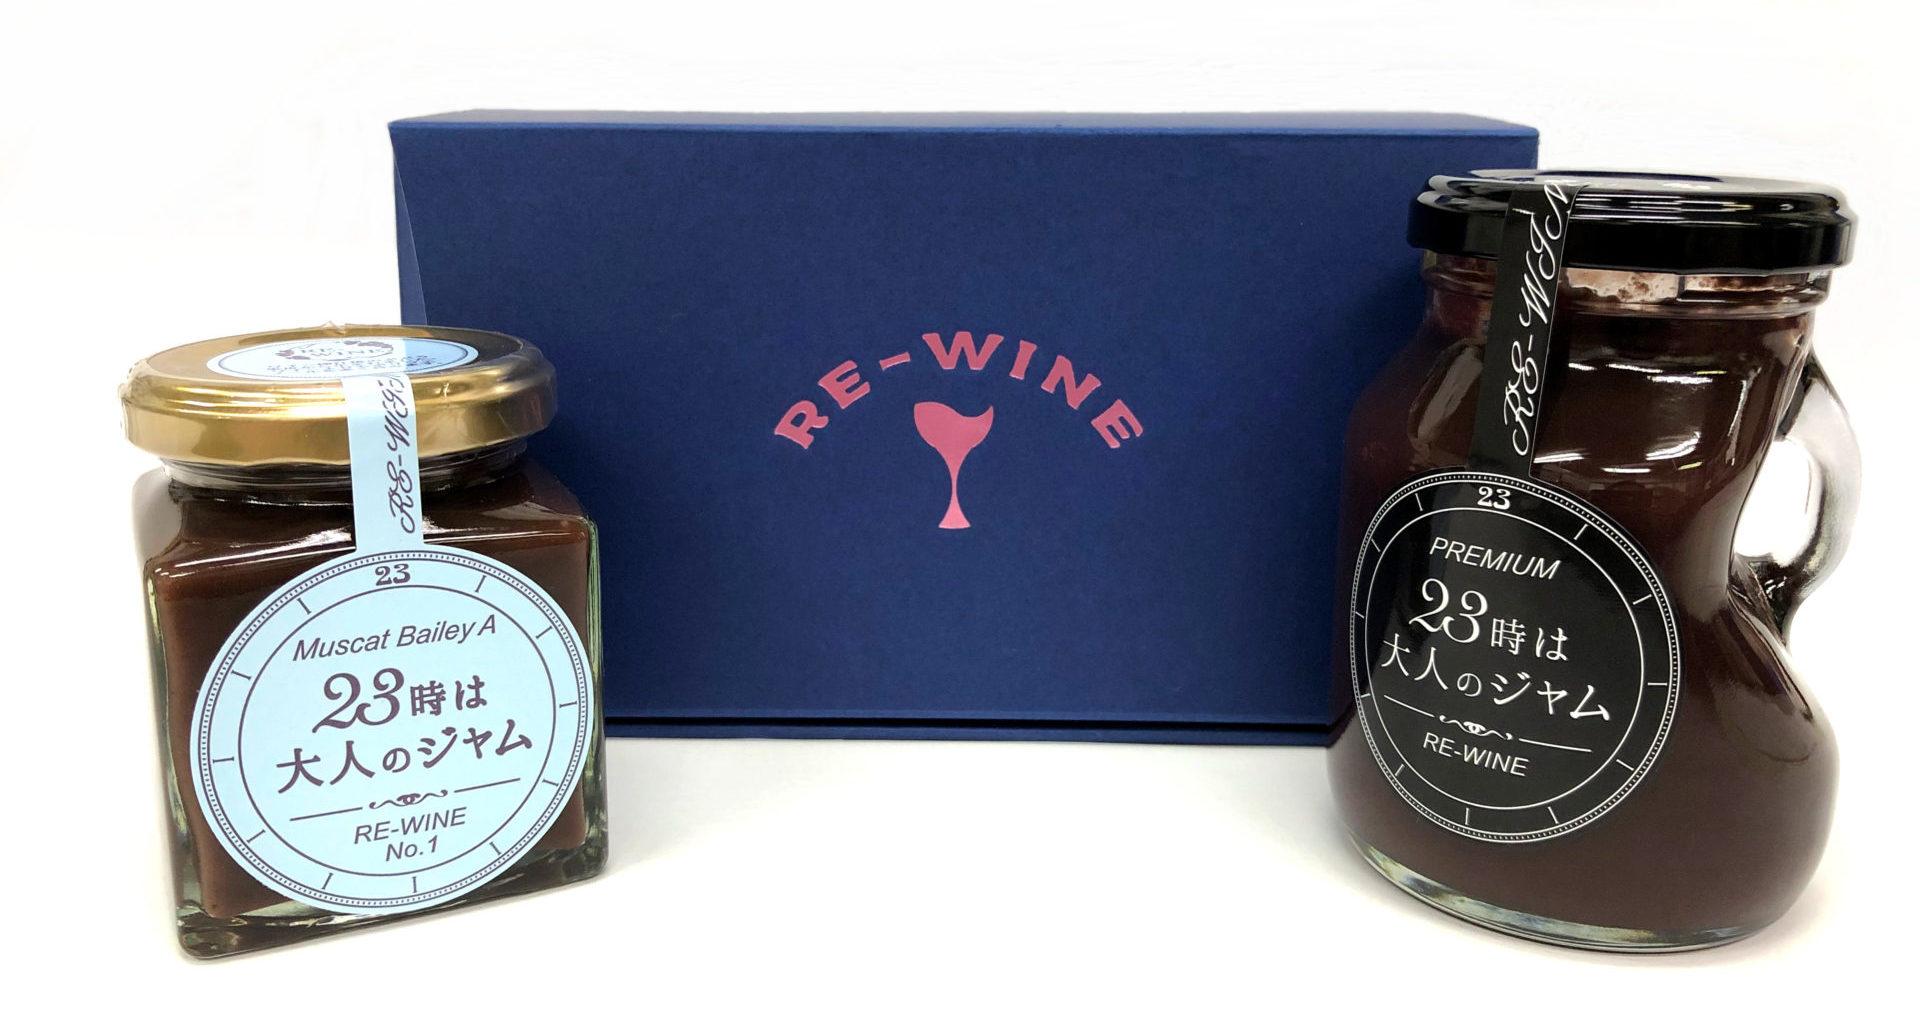 ワインパミス 食べるワイン 23時は大人のジャム ギフトBOX お中元 お歳暮 引き出物に最適